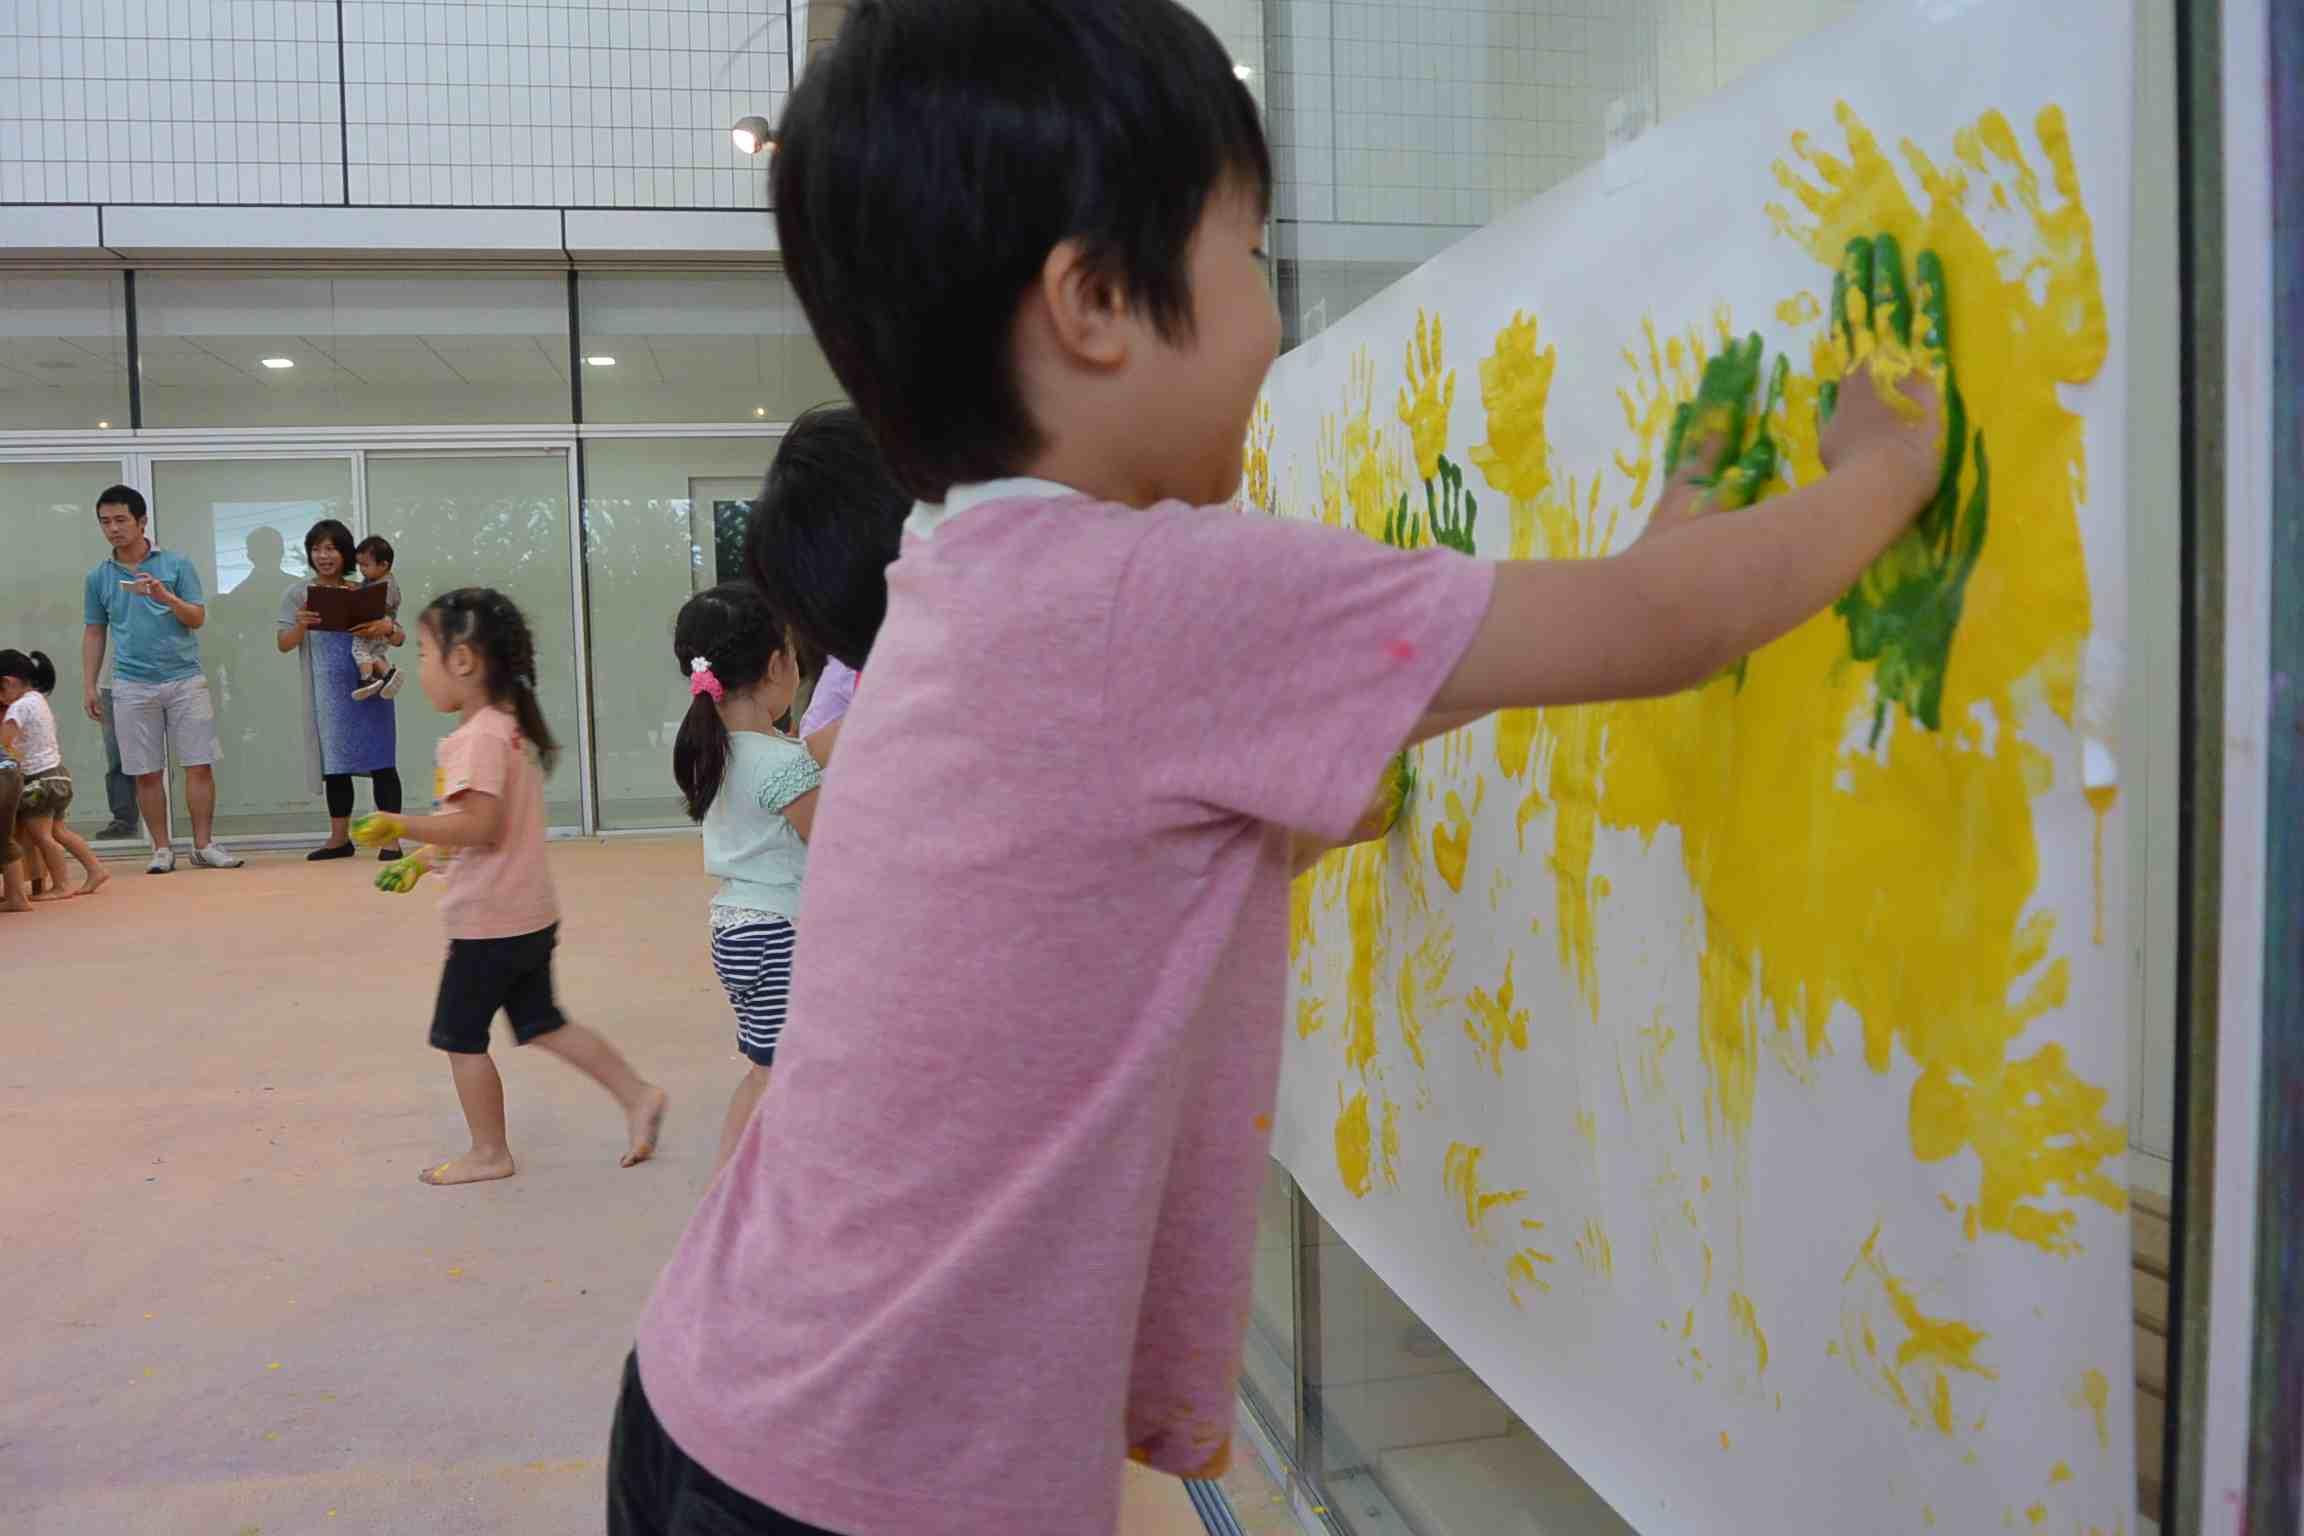 子どものためのプログラム「えのぐであそぼう!」(幼稚園・保育園の年中組の幼児が対象)の様子